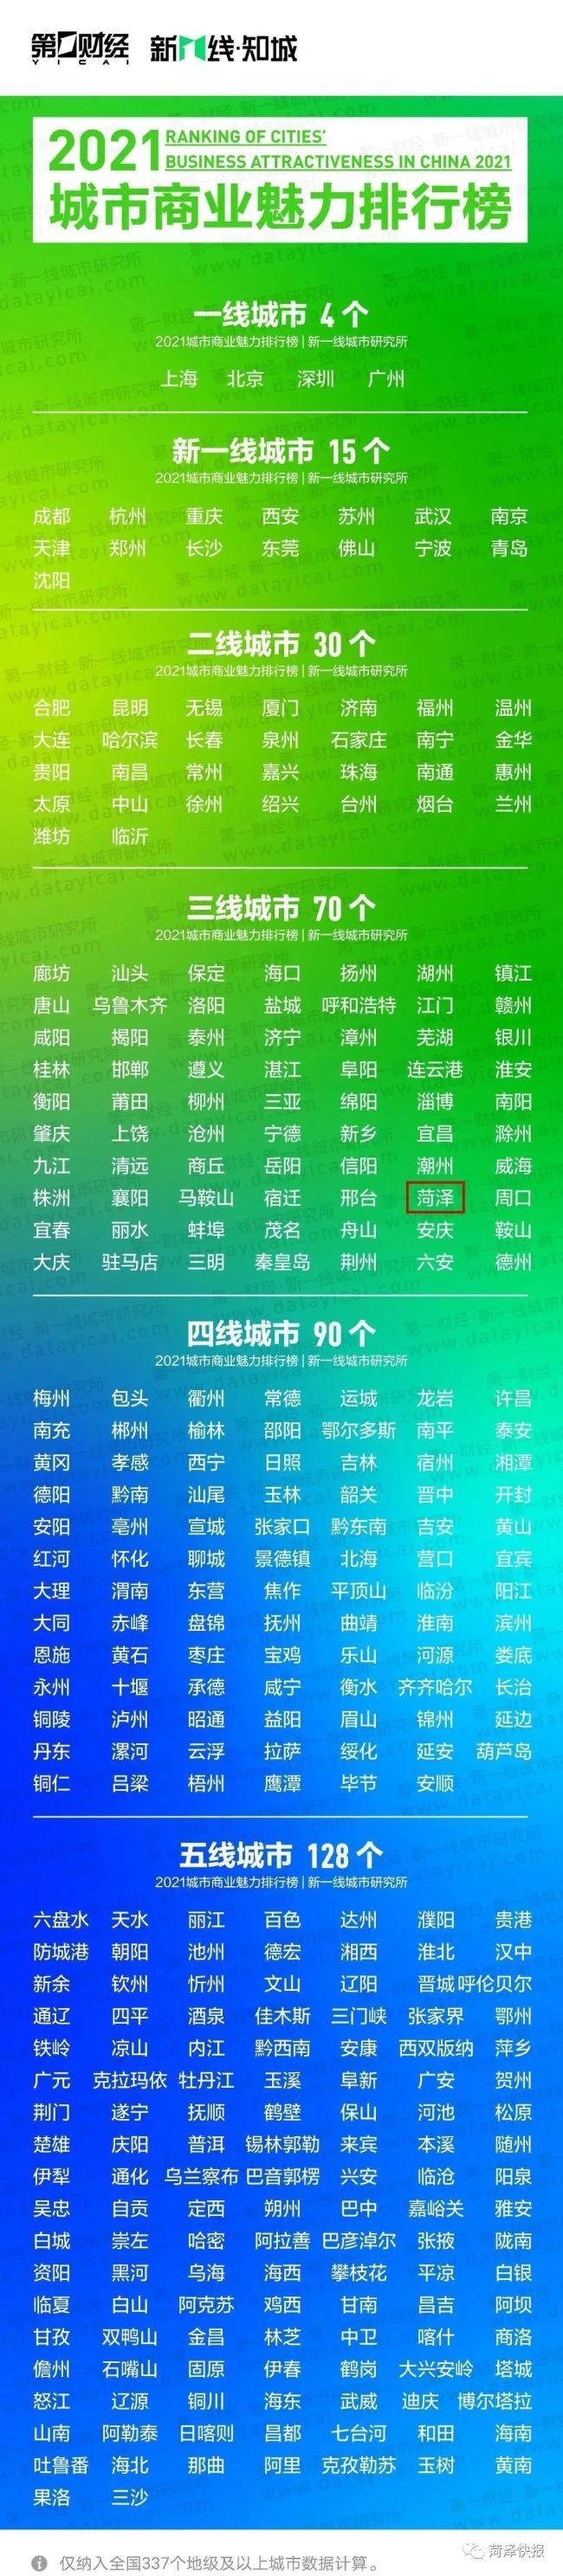 2021年城市商业魅力排行榜出炉:青岛新一线,济南二线,菏泽三线